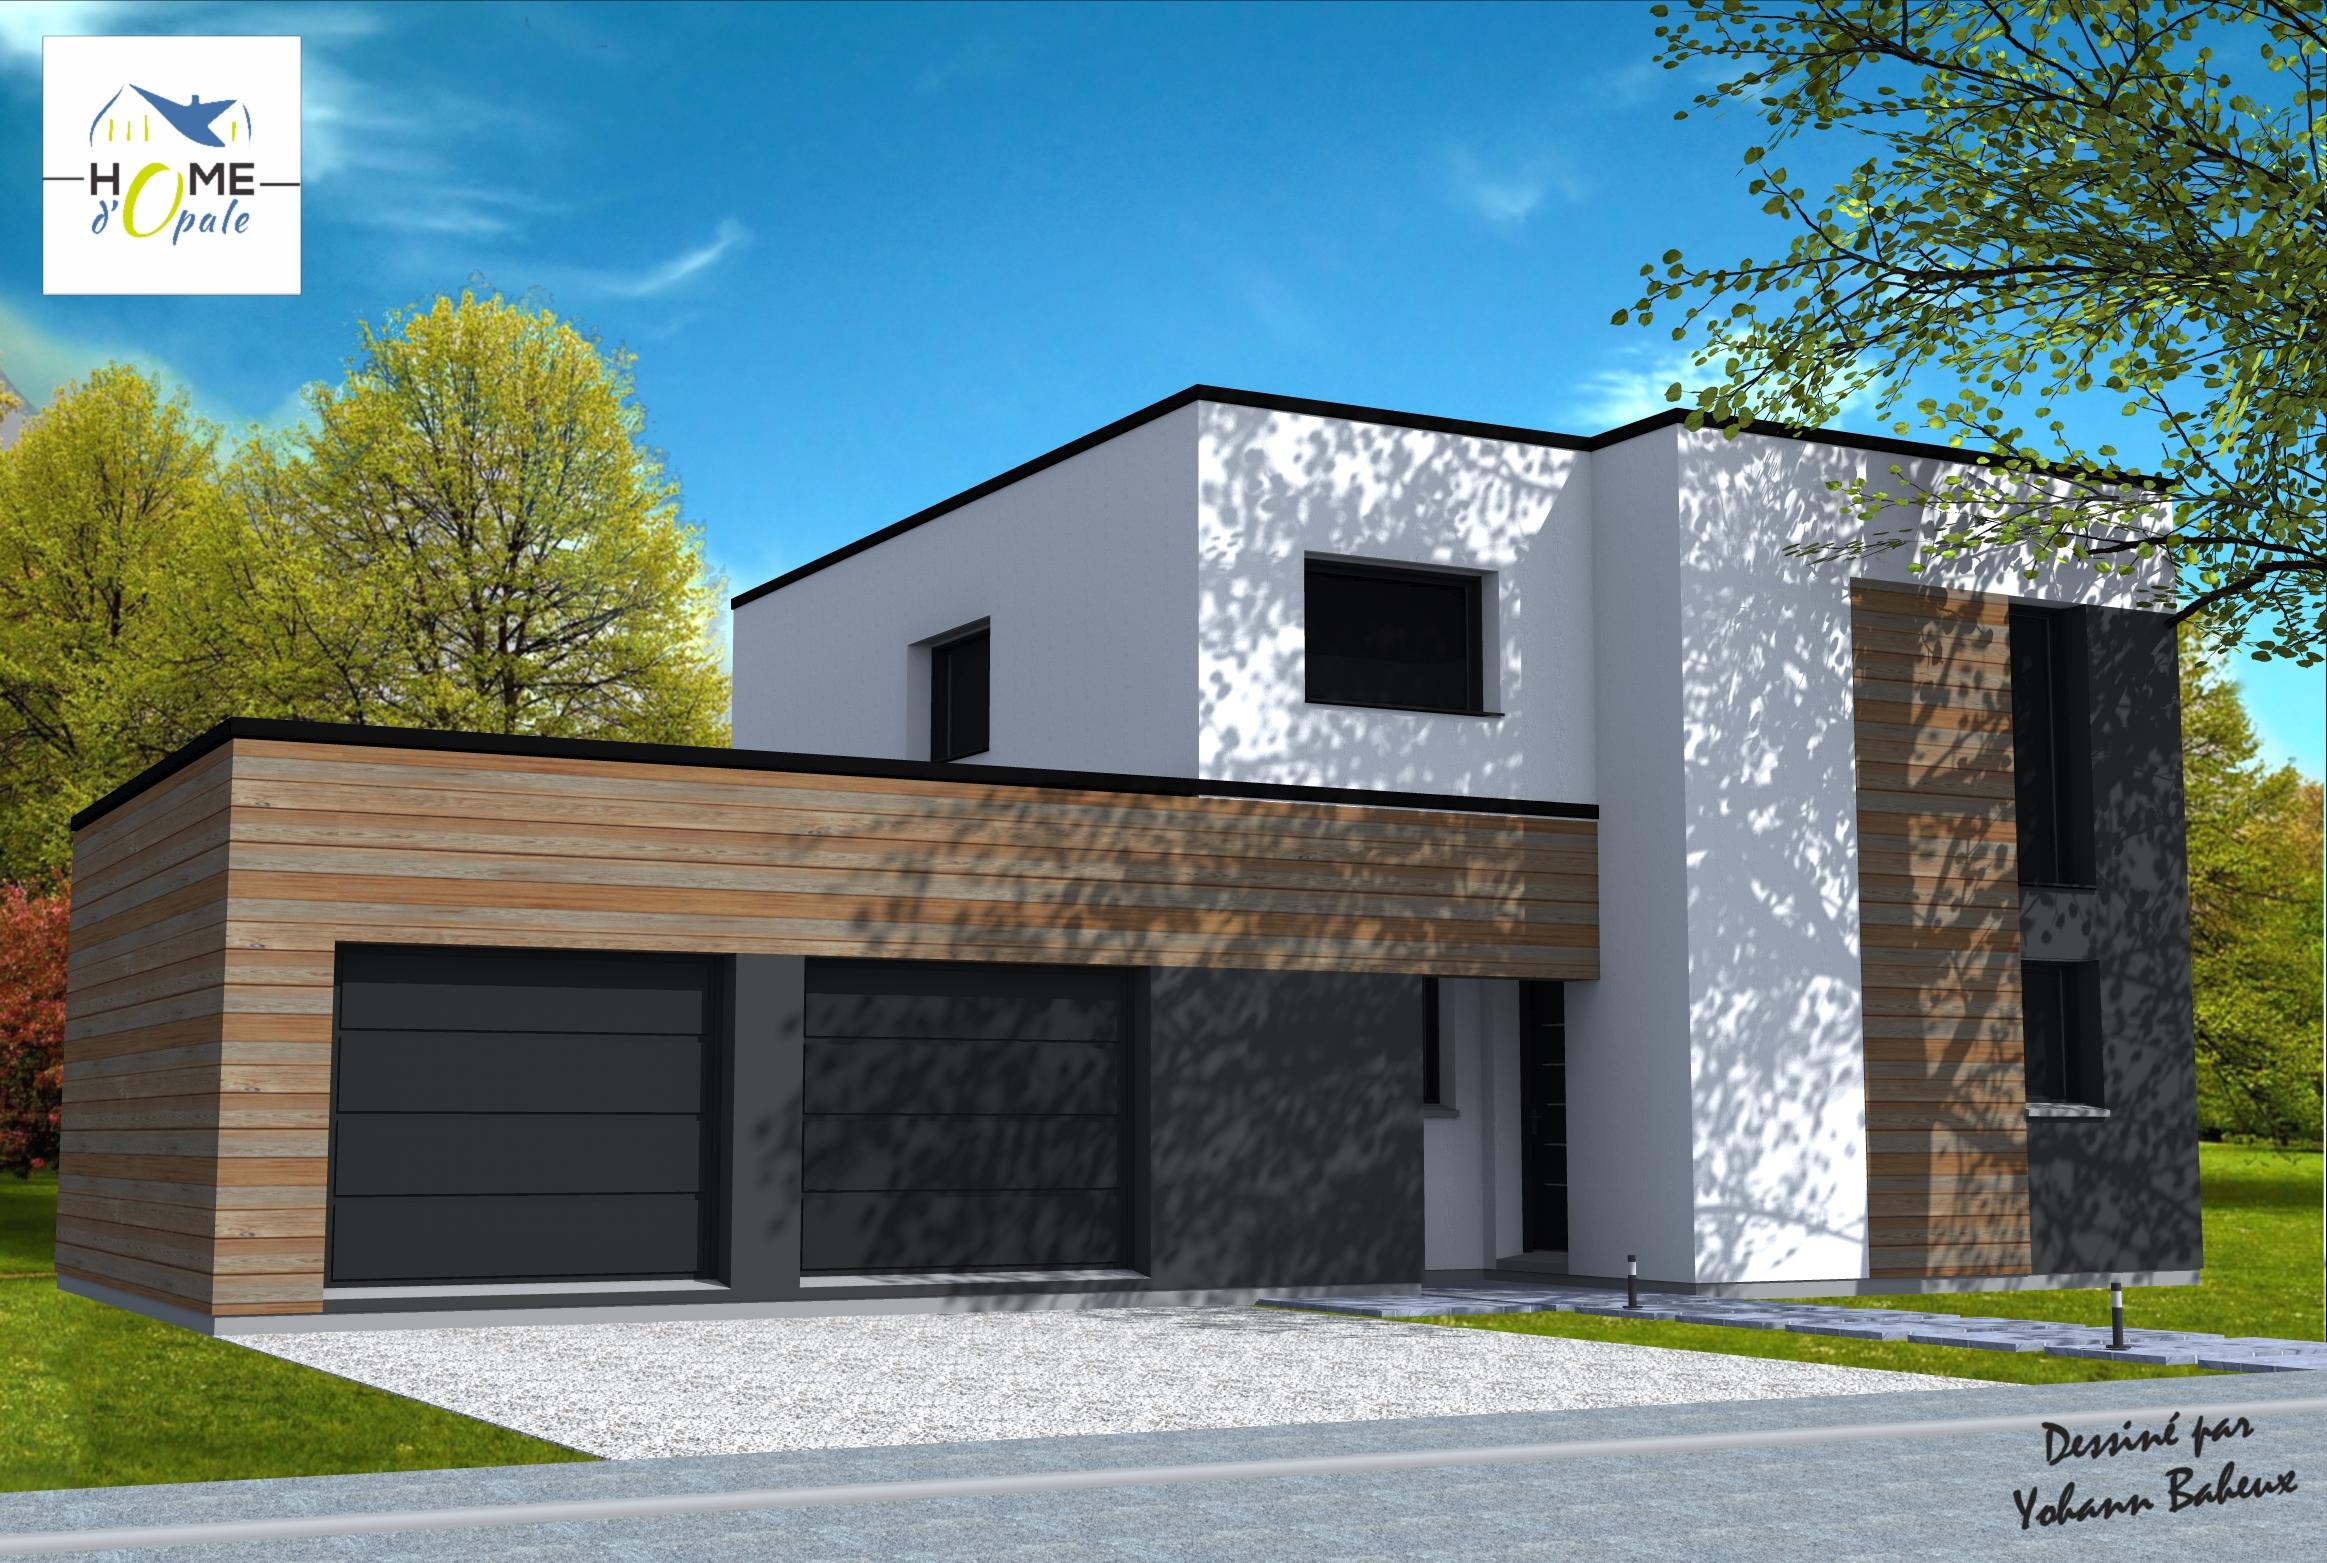 maison cubique yohann baheux ma tre d 39 oeuvre permis de construire 59 62. Black Bedroom Furniture Sets. Home Design Ideas